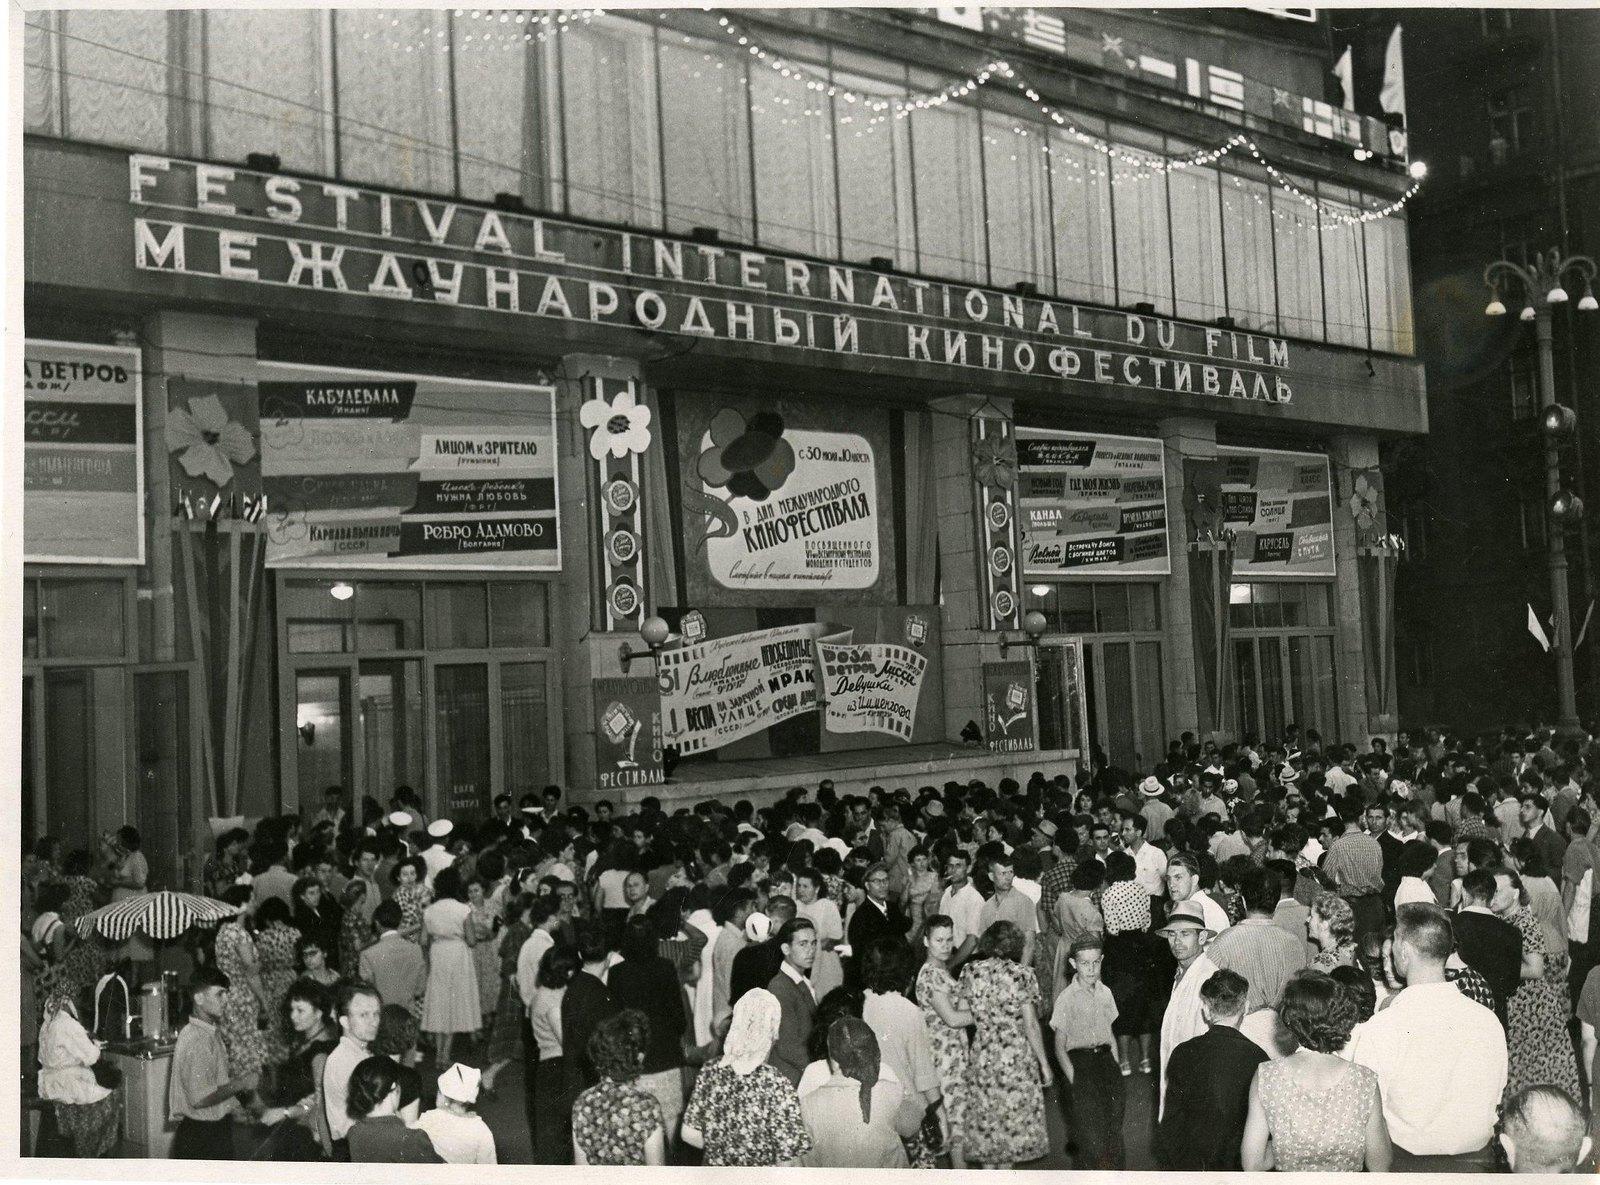 1957. VI Всемирный фестиваль молодёжи и студентов. У кинотеатра «Ударник» в день открытия международного кинофестиваля